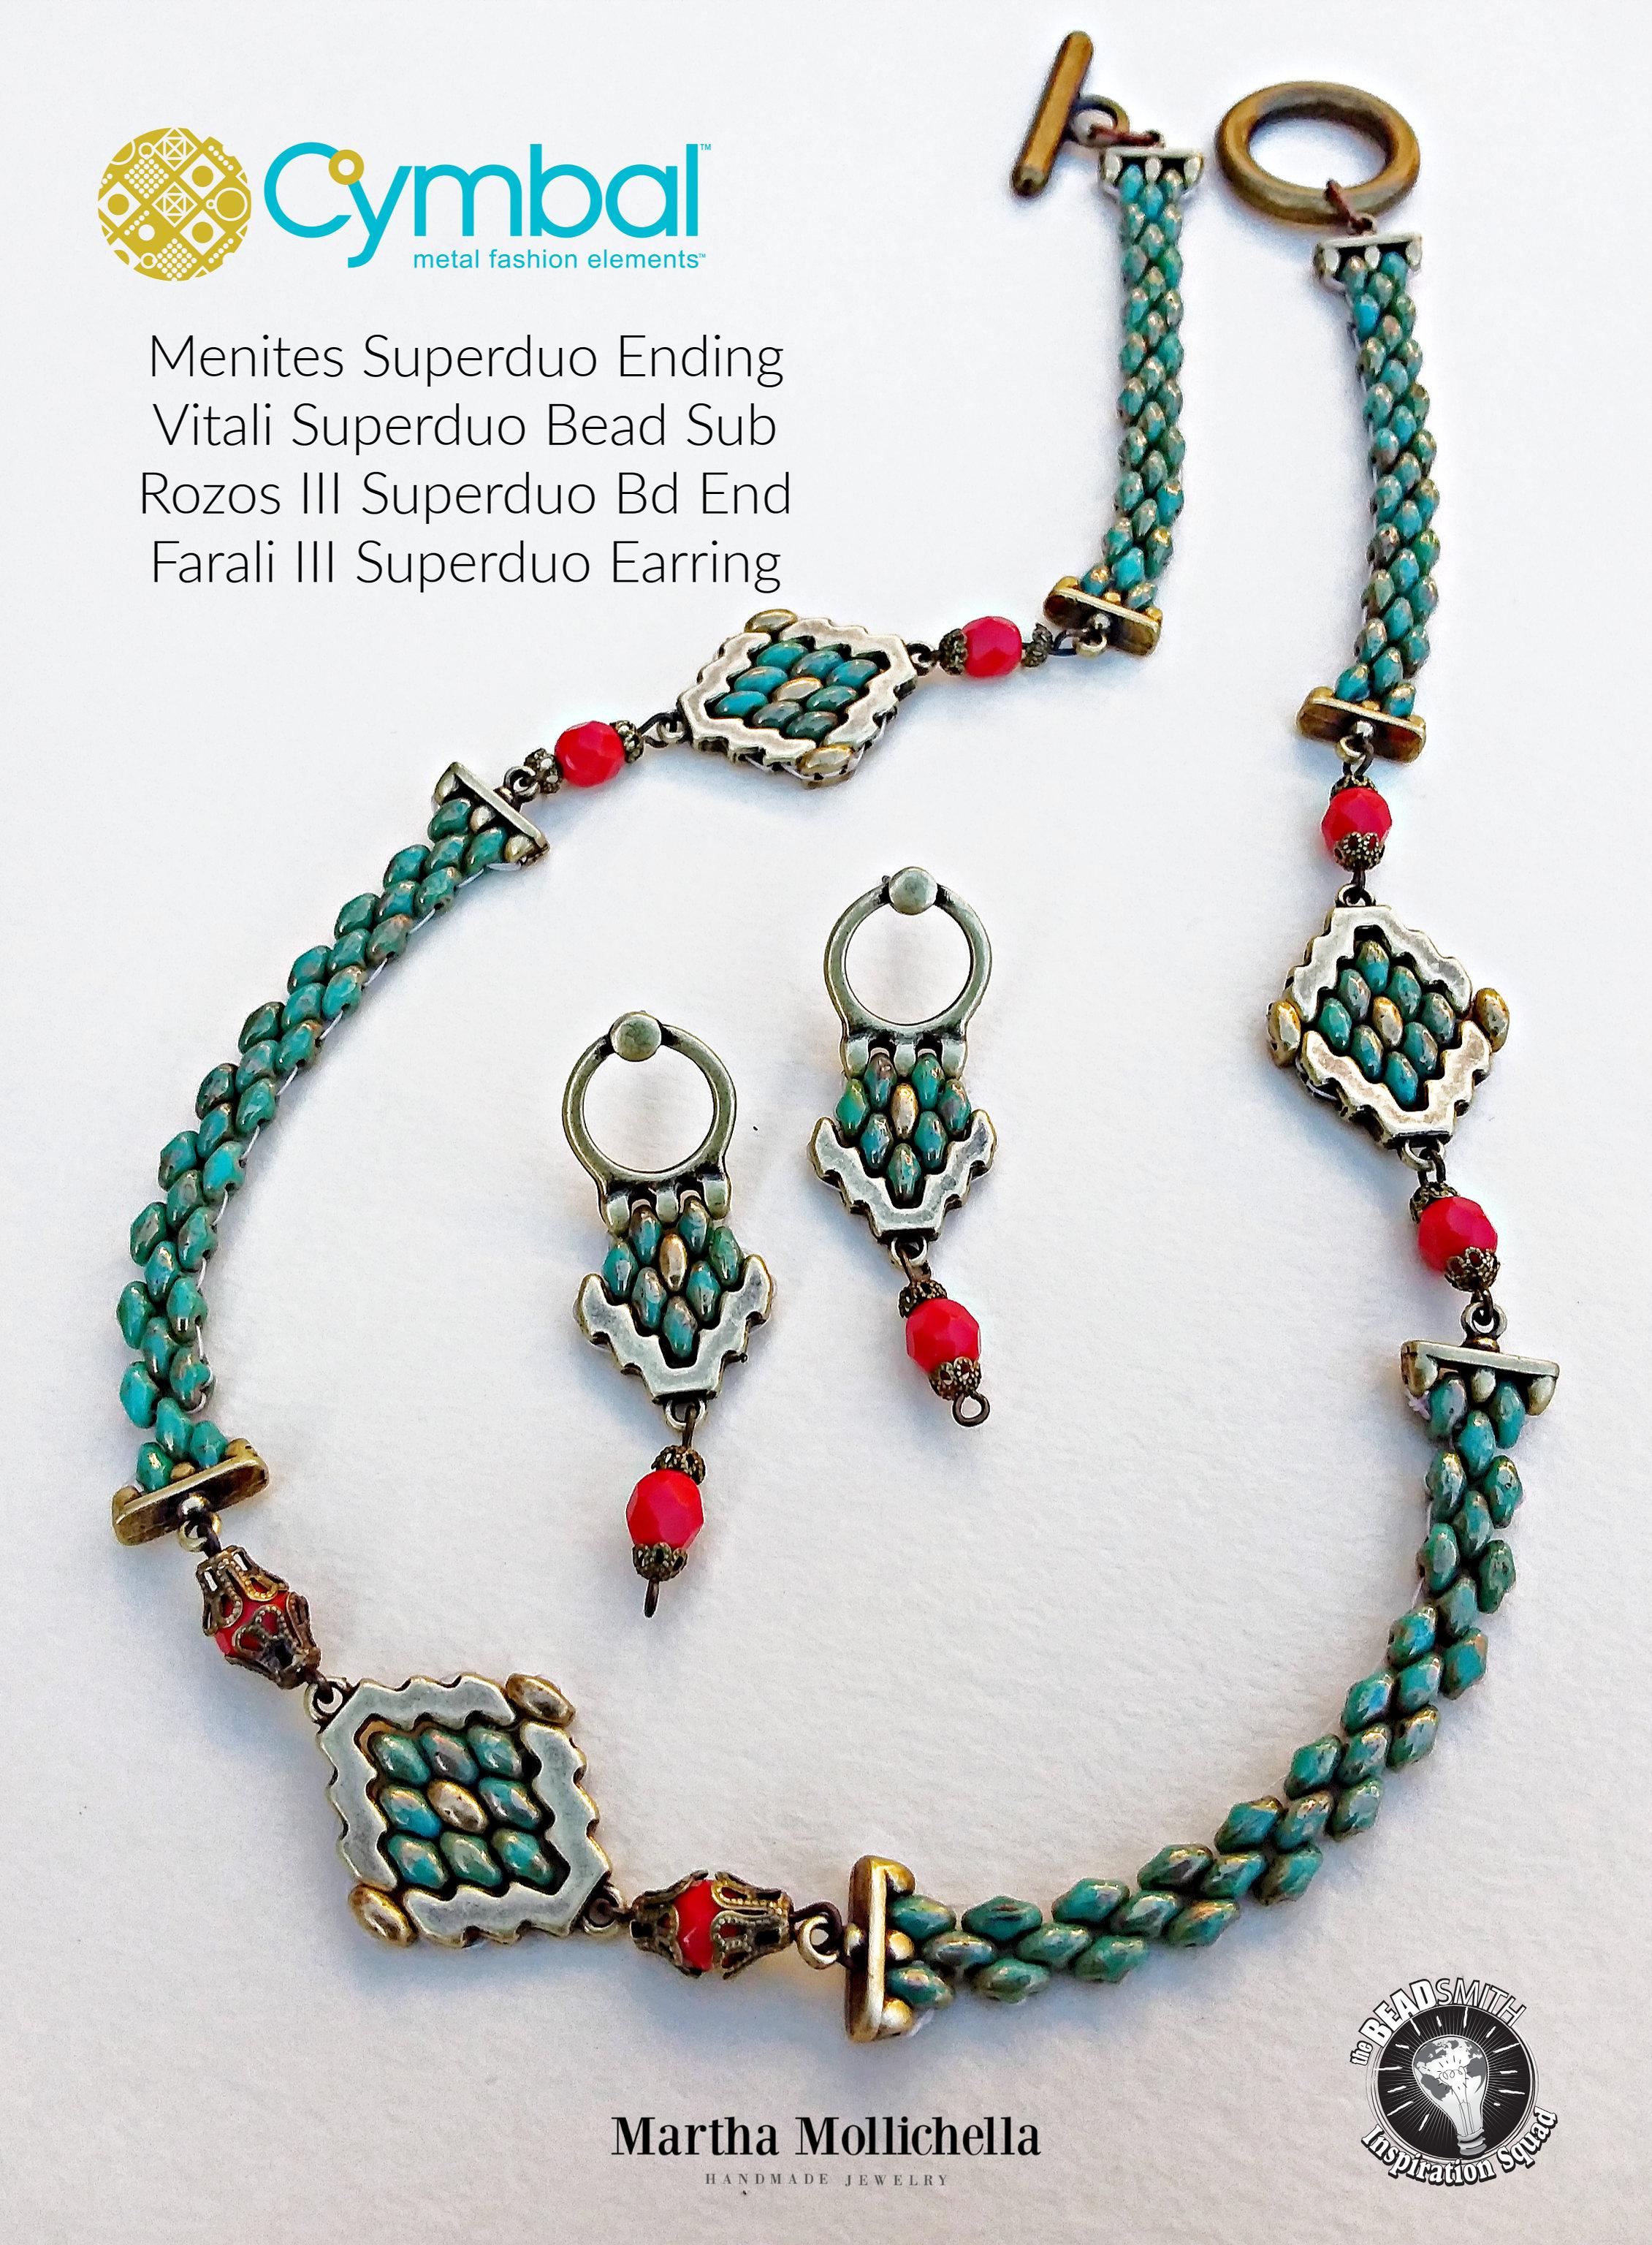 Cymbal fashion jewelry The Beadsmith Martha Mollichella